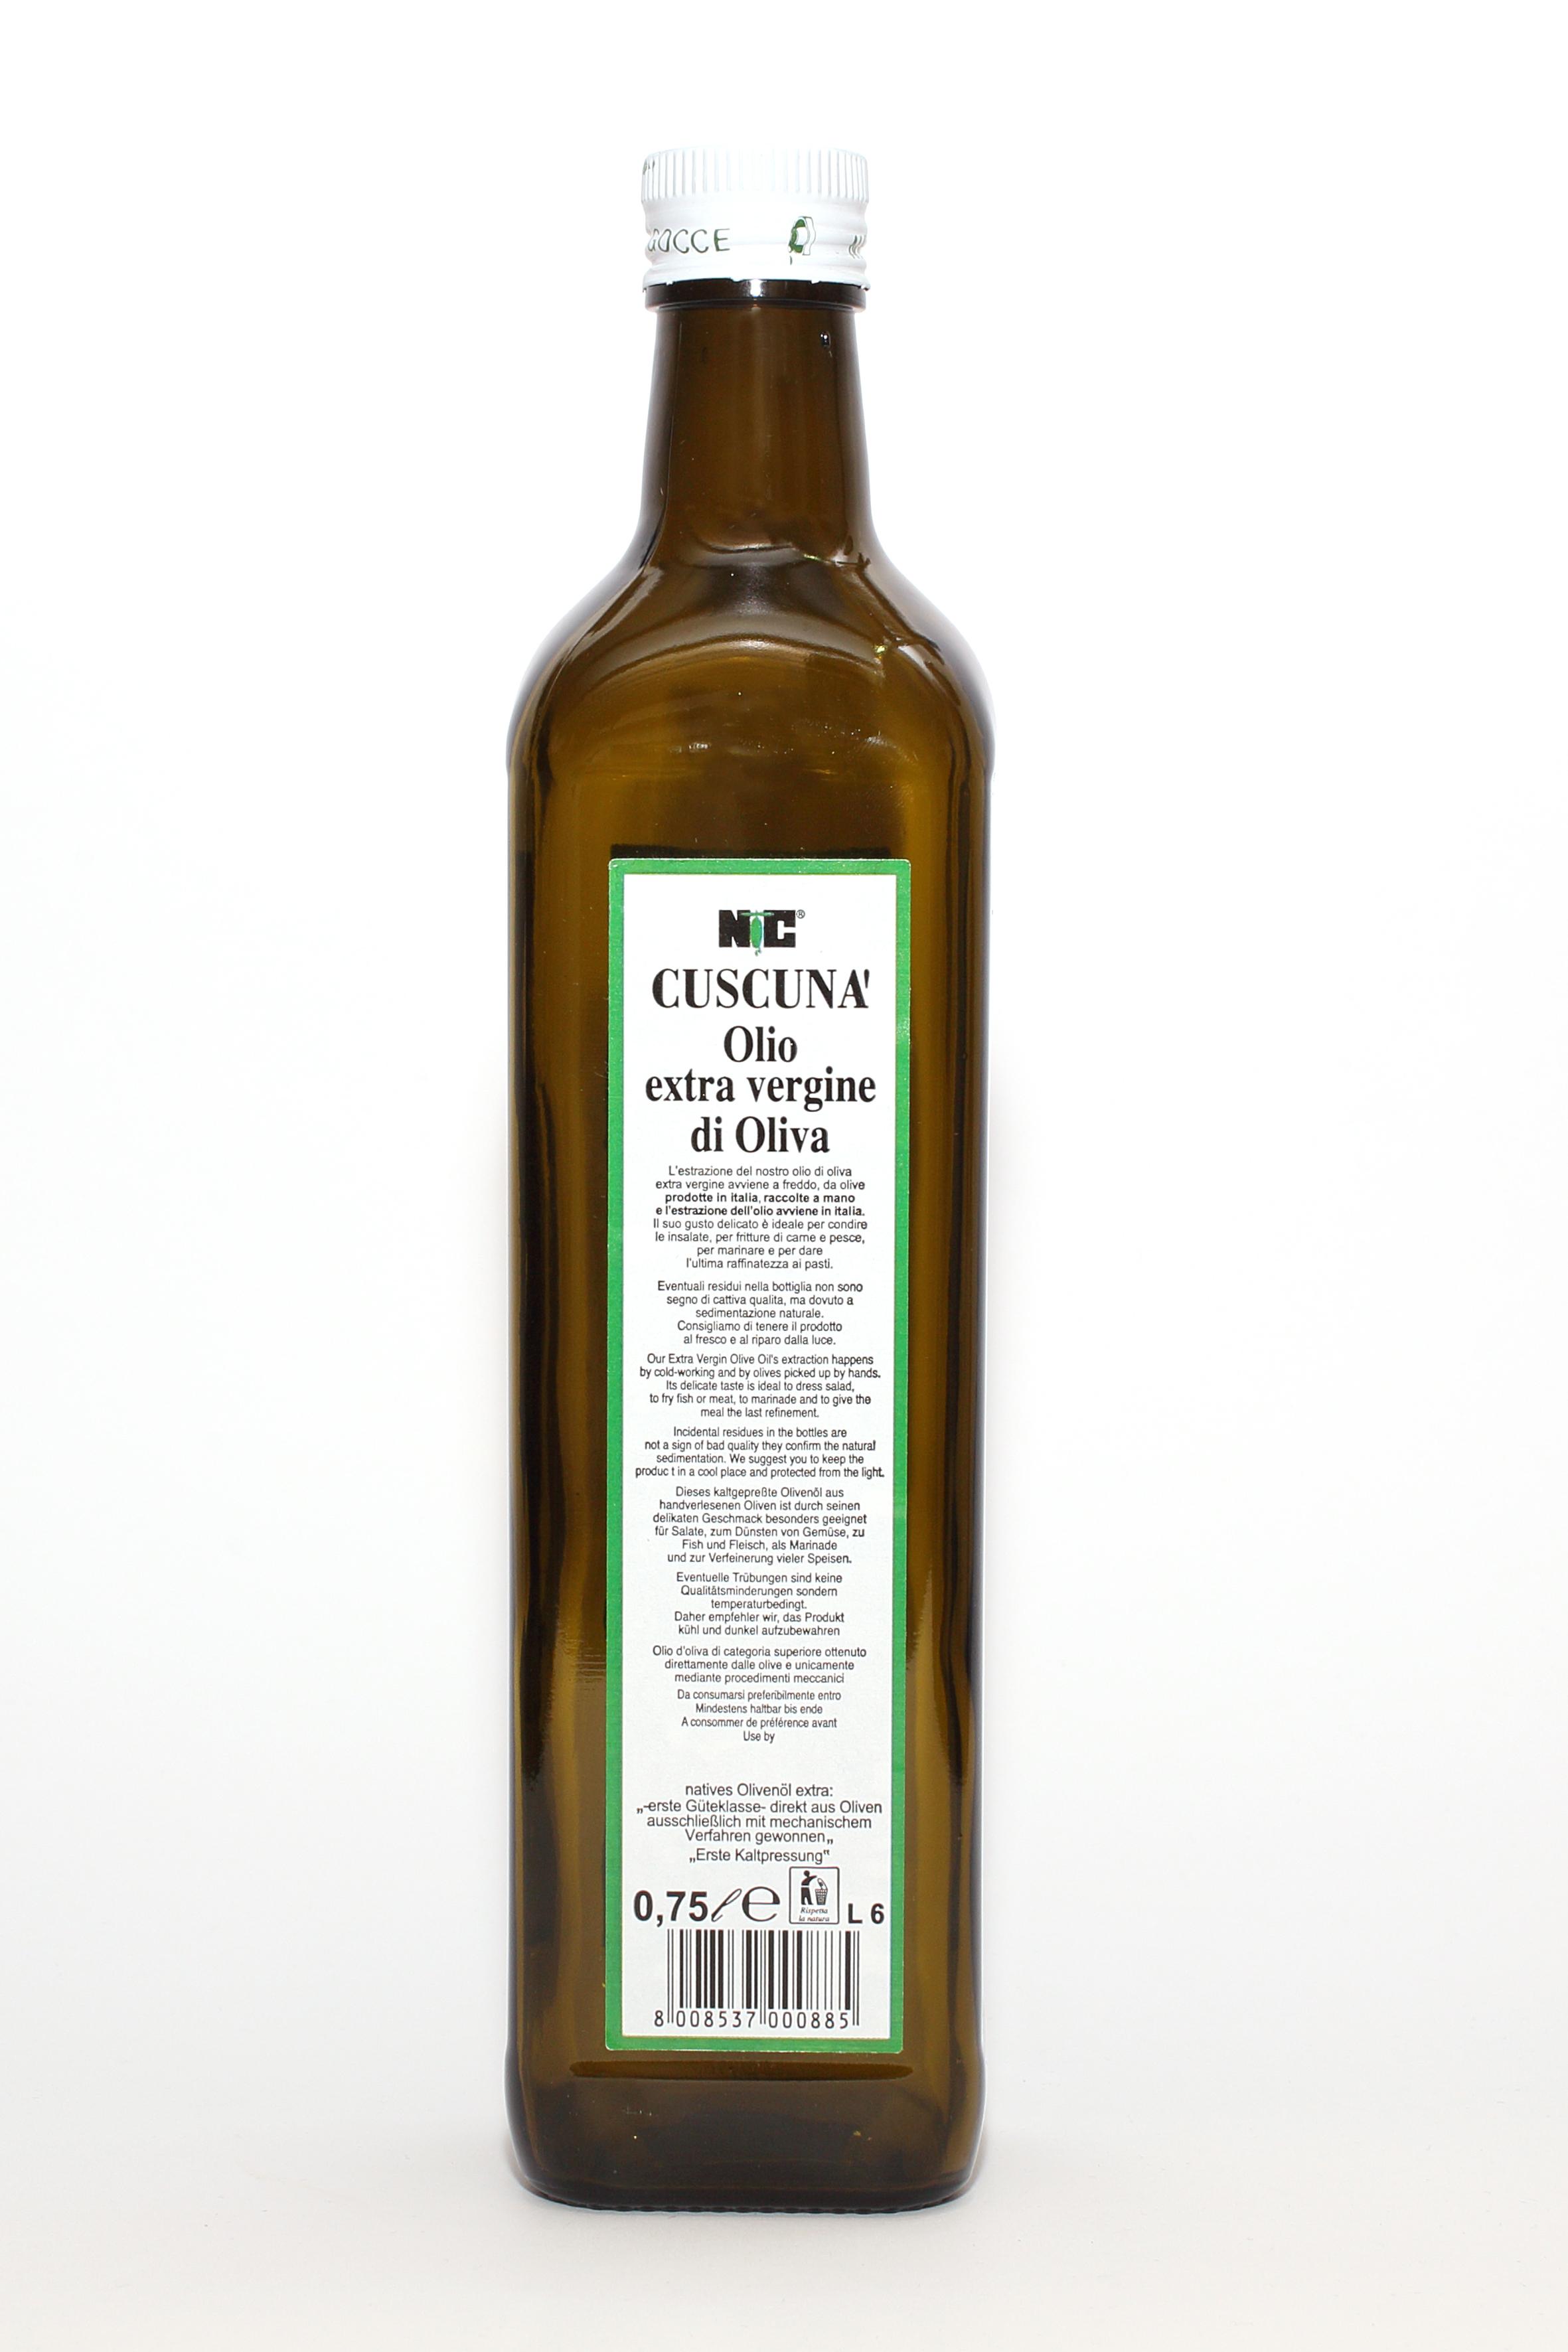 Olio Cuscunà da 0,75